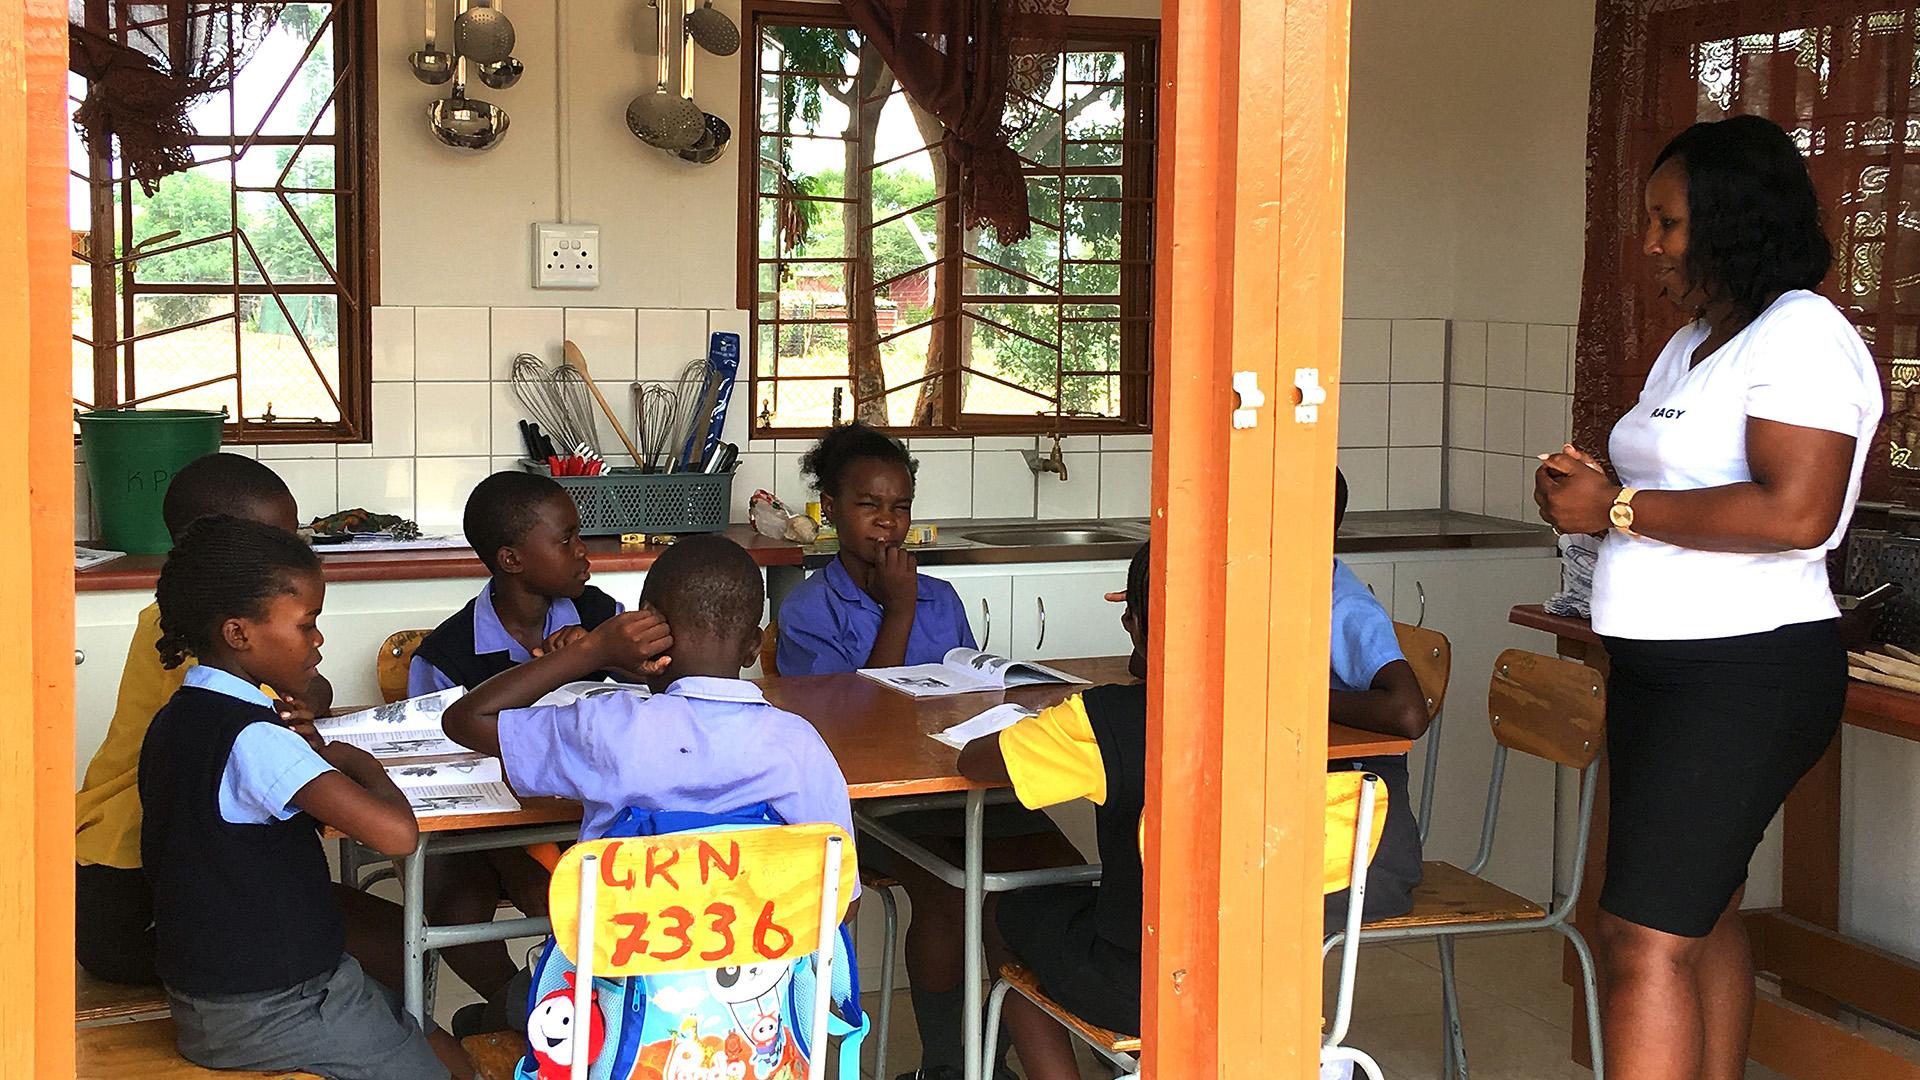 Schulgartenküche und Klassenraum für den praktischen Unterricht von 'home ecologies'